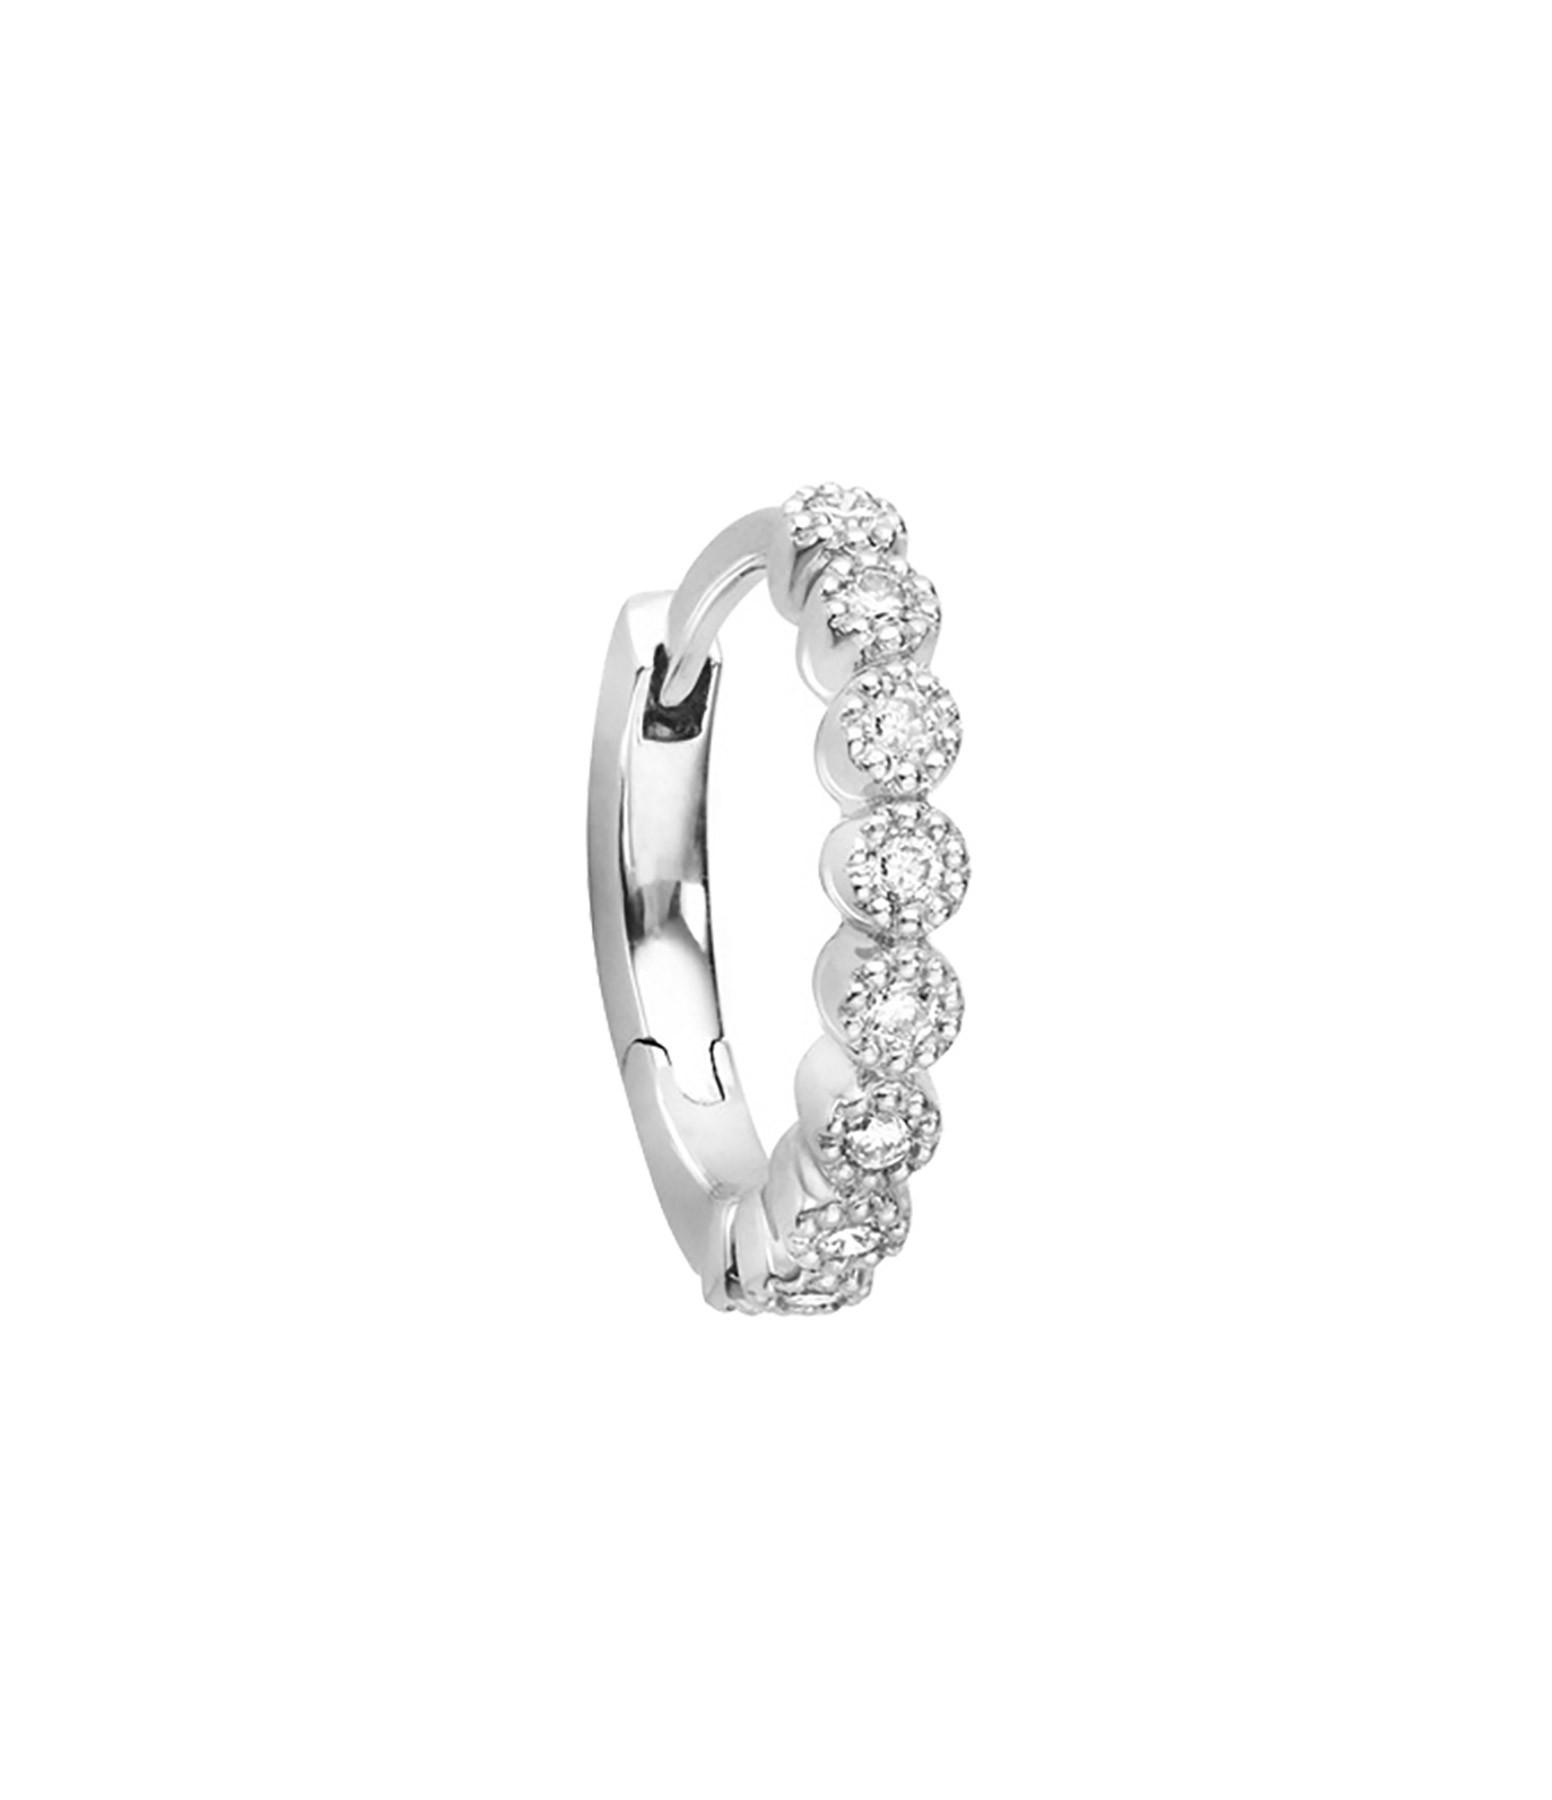 STONE PARIS - Mini Creole Madame Bovary Or Diamants (vendue à l'unité)